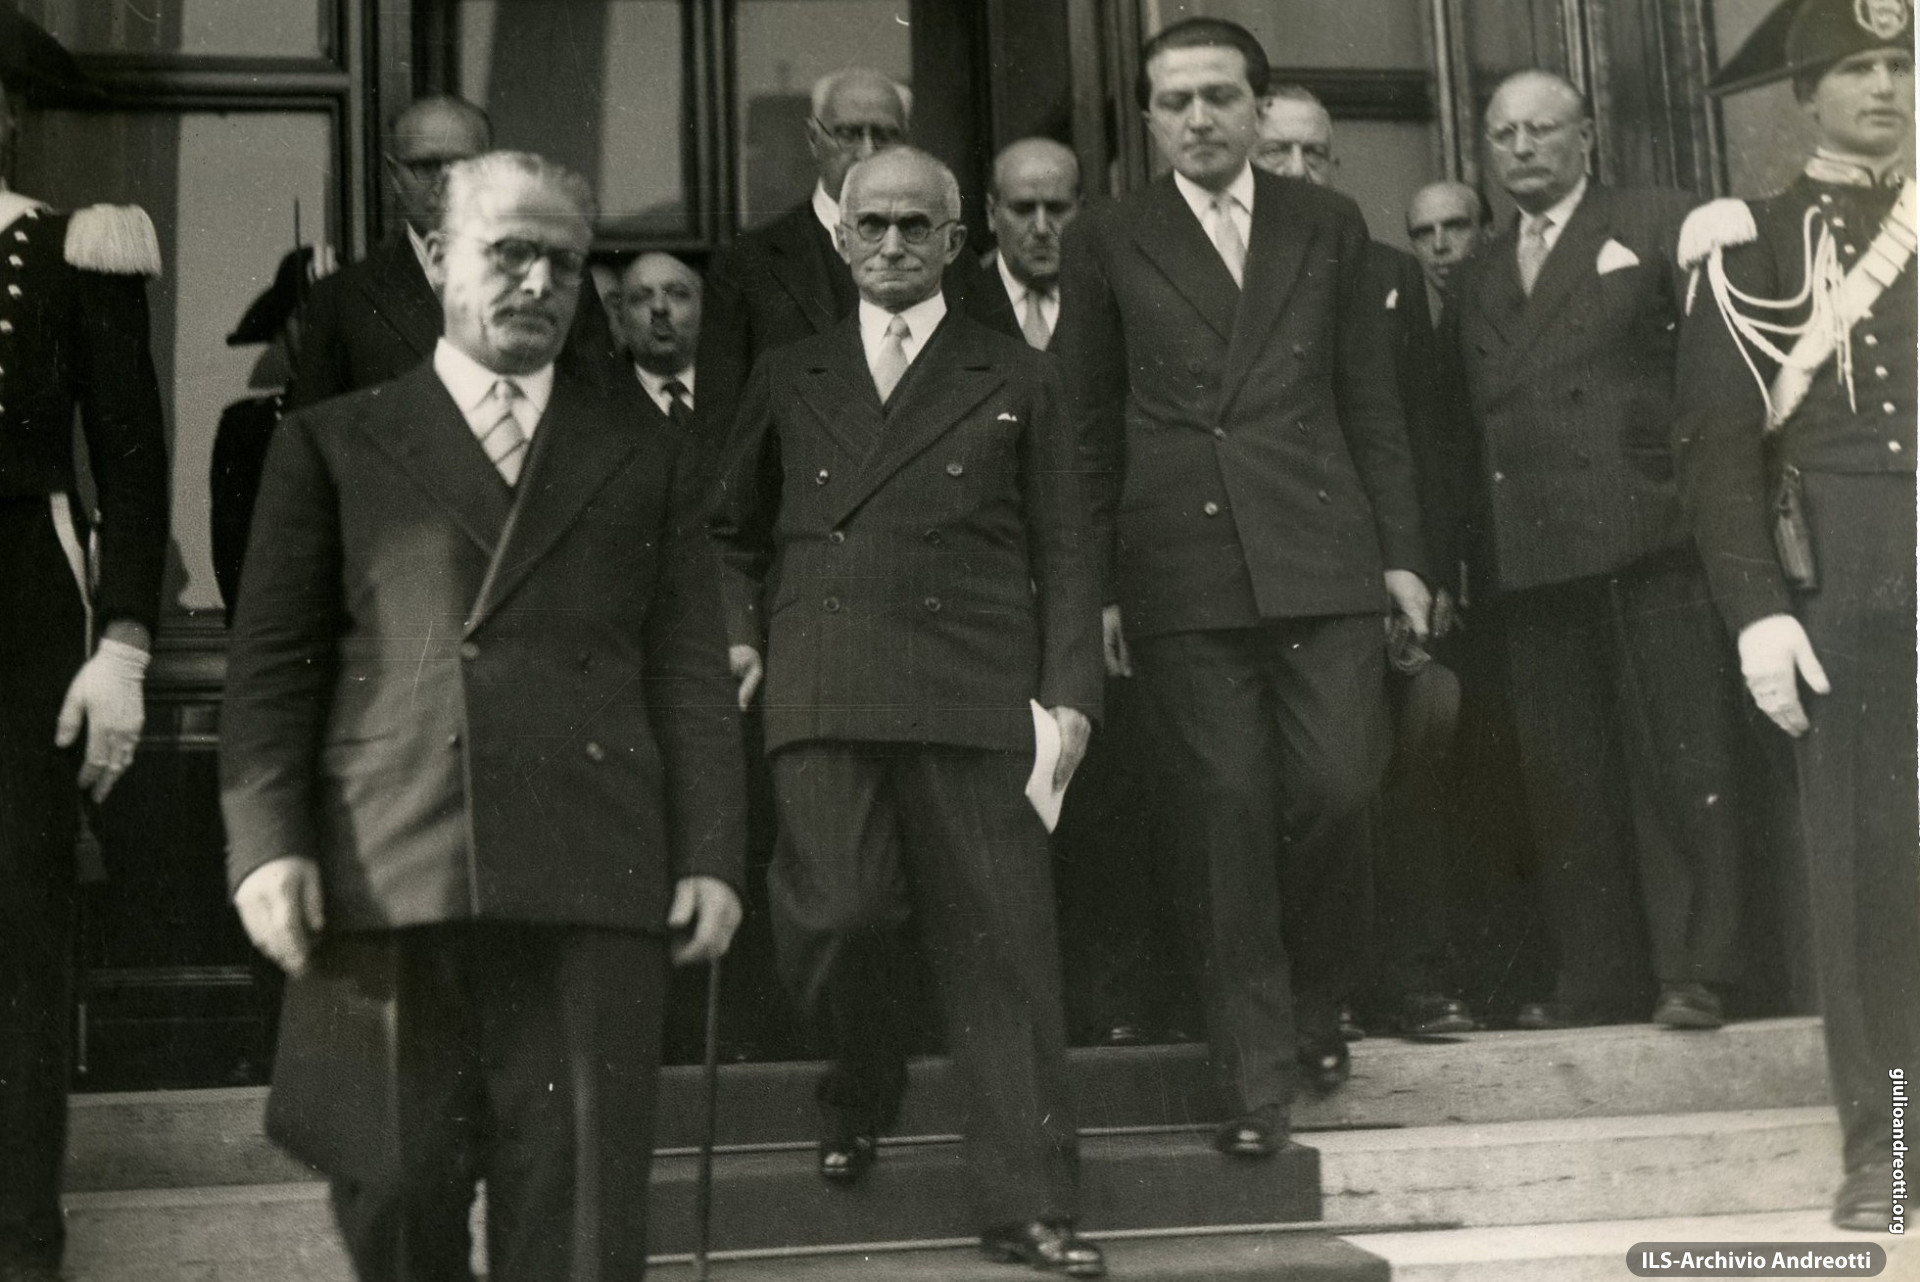 12 maggio 1948. Andreotti accompagna da Montecitorio al Quirinale Luigi Einaudi dopo la elezione a Presidente della Repubblica.